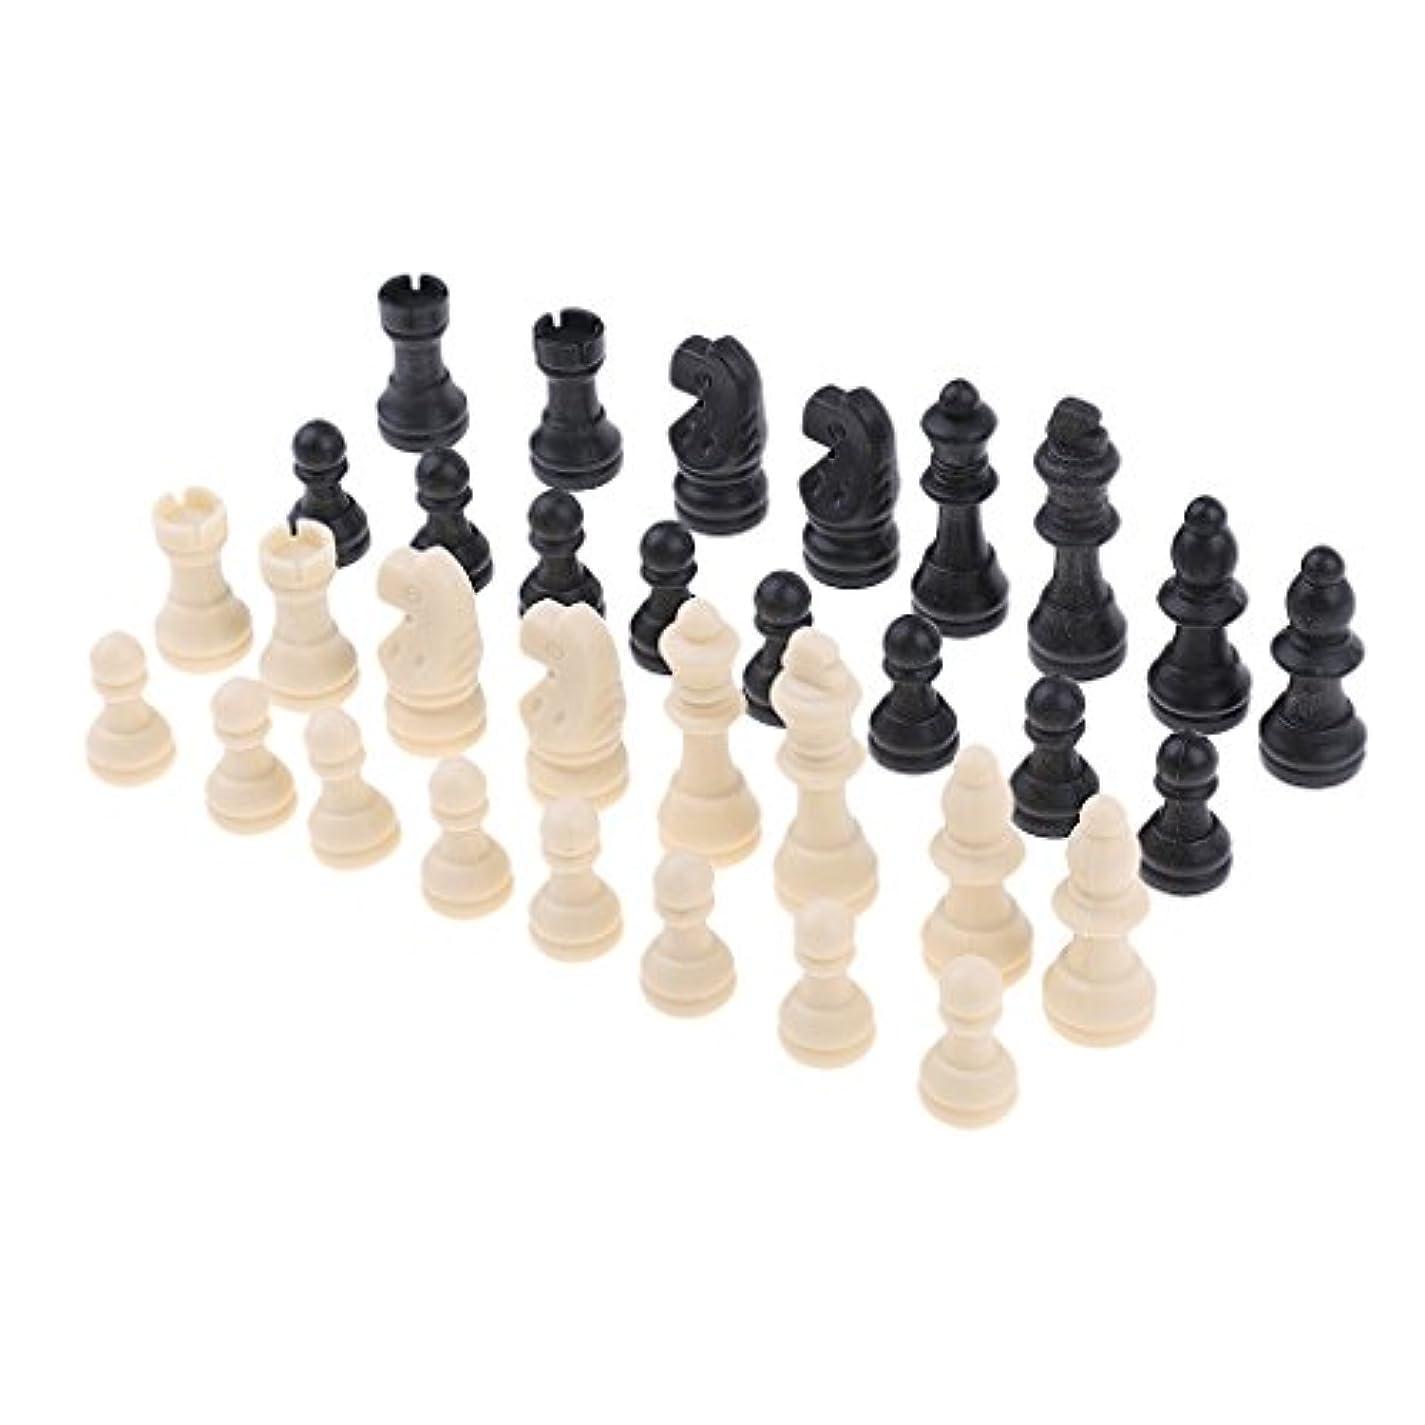 Sharplace 約32個 プラスチック 国際チェス チェスゲーム チェスマン ボードゲーム用品 全4サイズ - 51ミリメートル